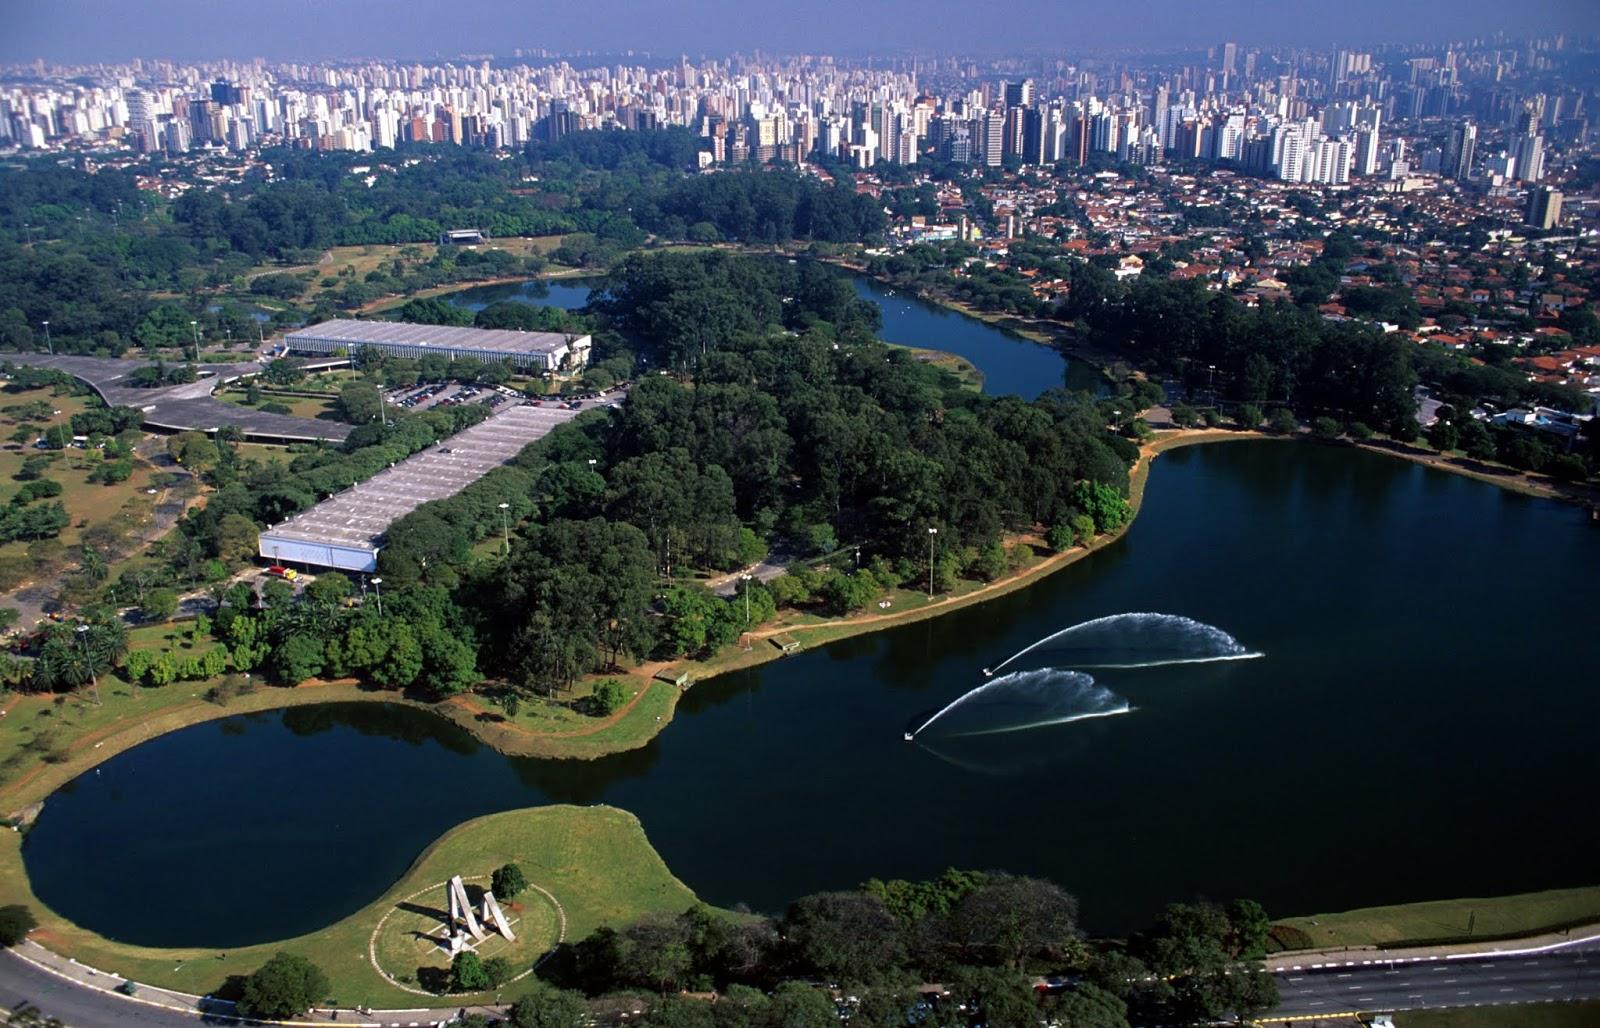 Os 10 Melhores Parques Urbanos do Mundo